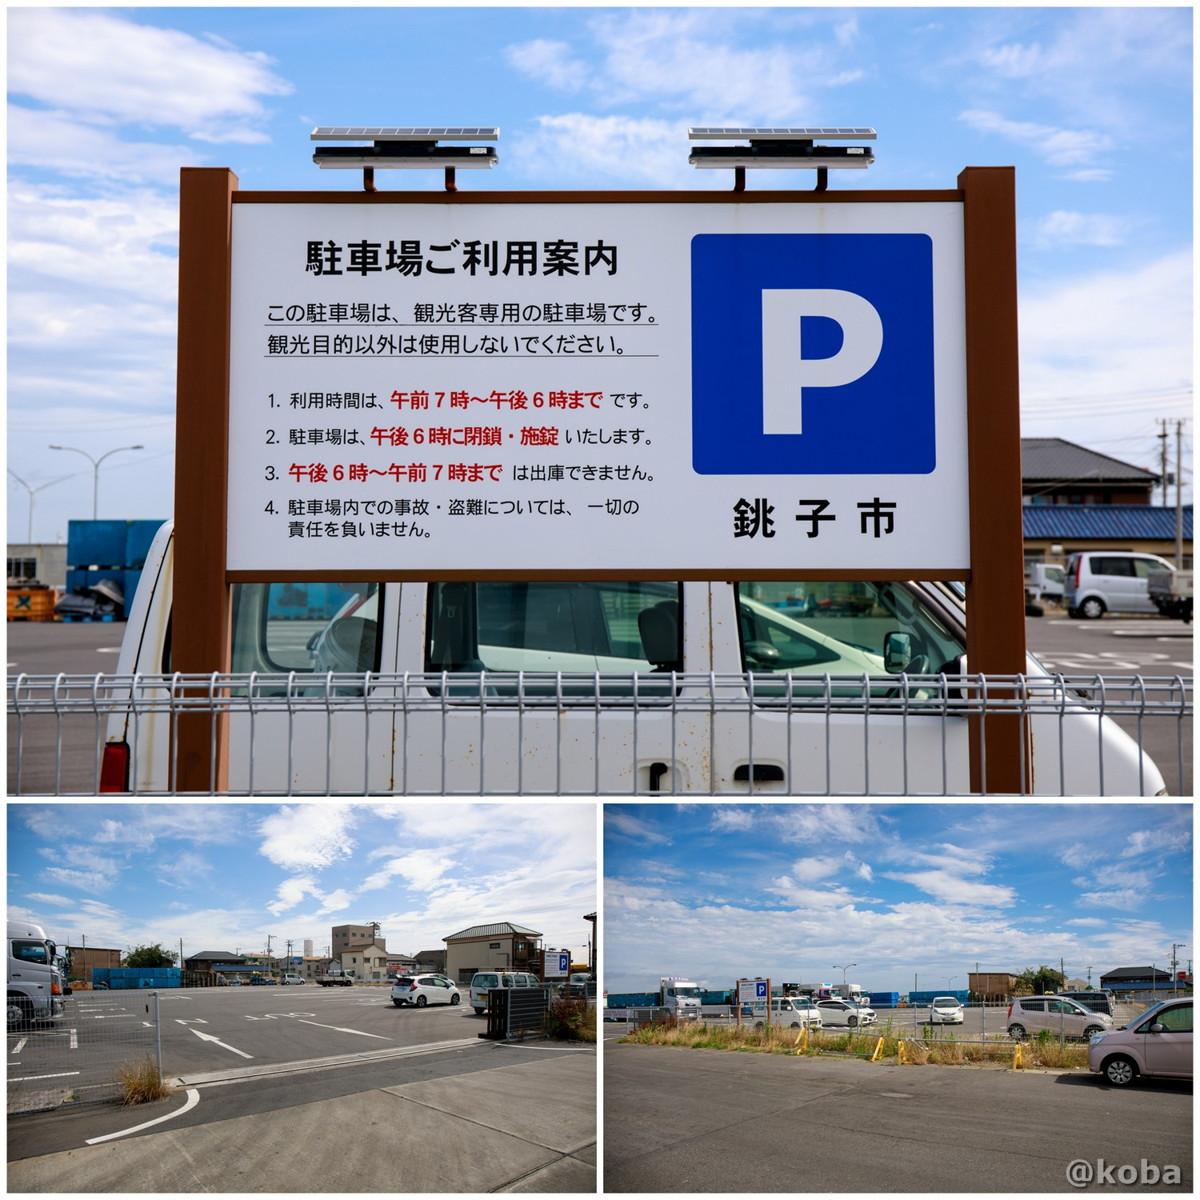 浜めし店舗横にある銚子市の無料駐車場 駐車場ご利用案内 この駐車場は、観光客専用の駐車場です。 観光目的以外は使用しないでください。 1·利用時間は、午前7時~午後6時までです。 2·駐車場は、午後6時に閉鎖·施錠いたします。 3·午後6時~午前7時までは出庫できません。 4·駐車場内での事故·盗難については、一切の責任を負いません。